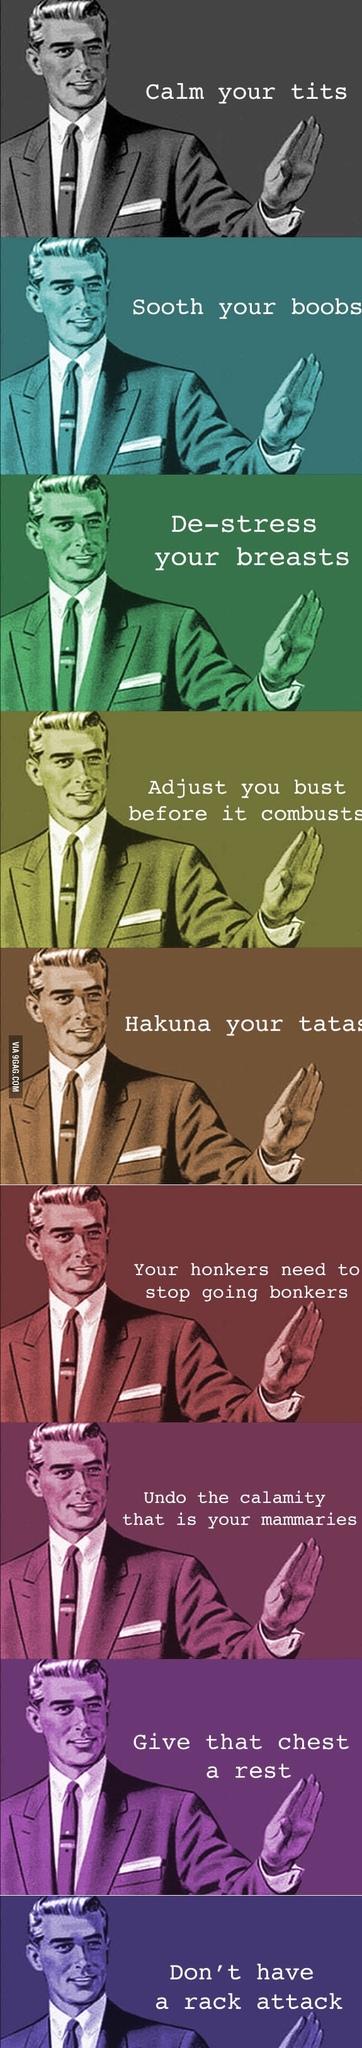 Halina your tatas - meme